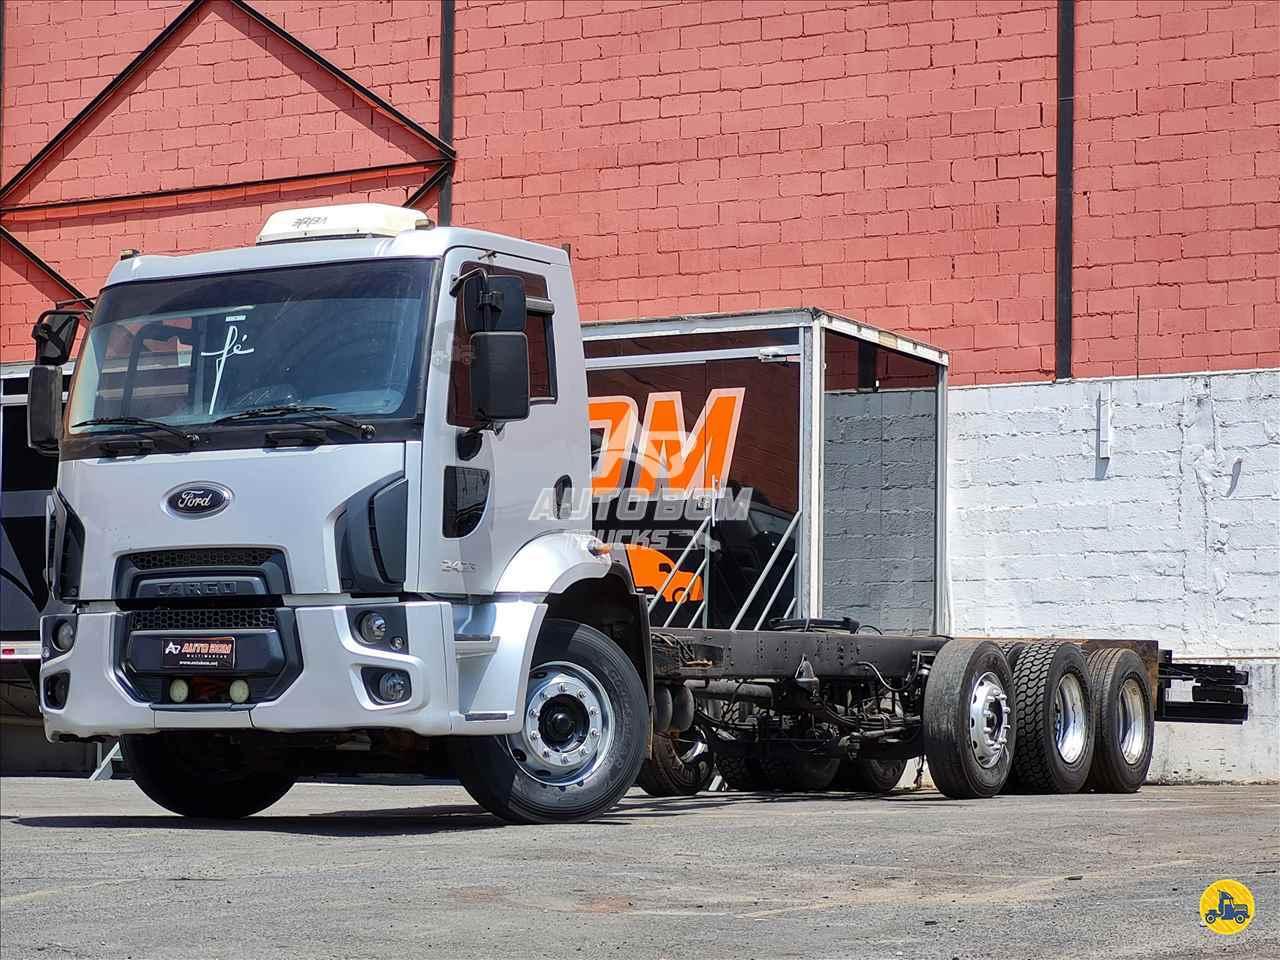 CAMINHAO FORD CARGO 2423 Chassis BiTruck 8x2 Autobom Trucks CONTAGEM MINAS GERAIS MG